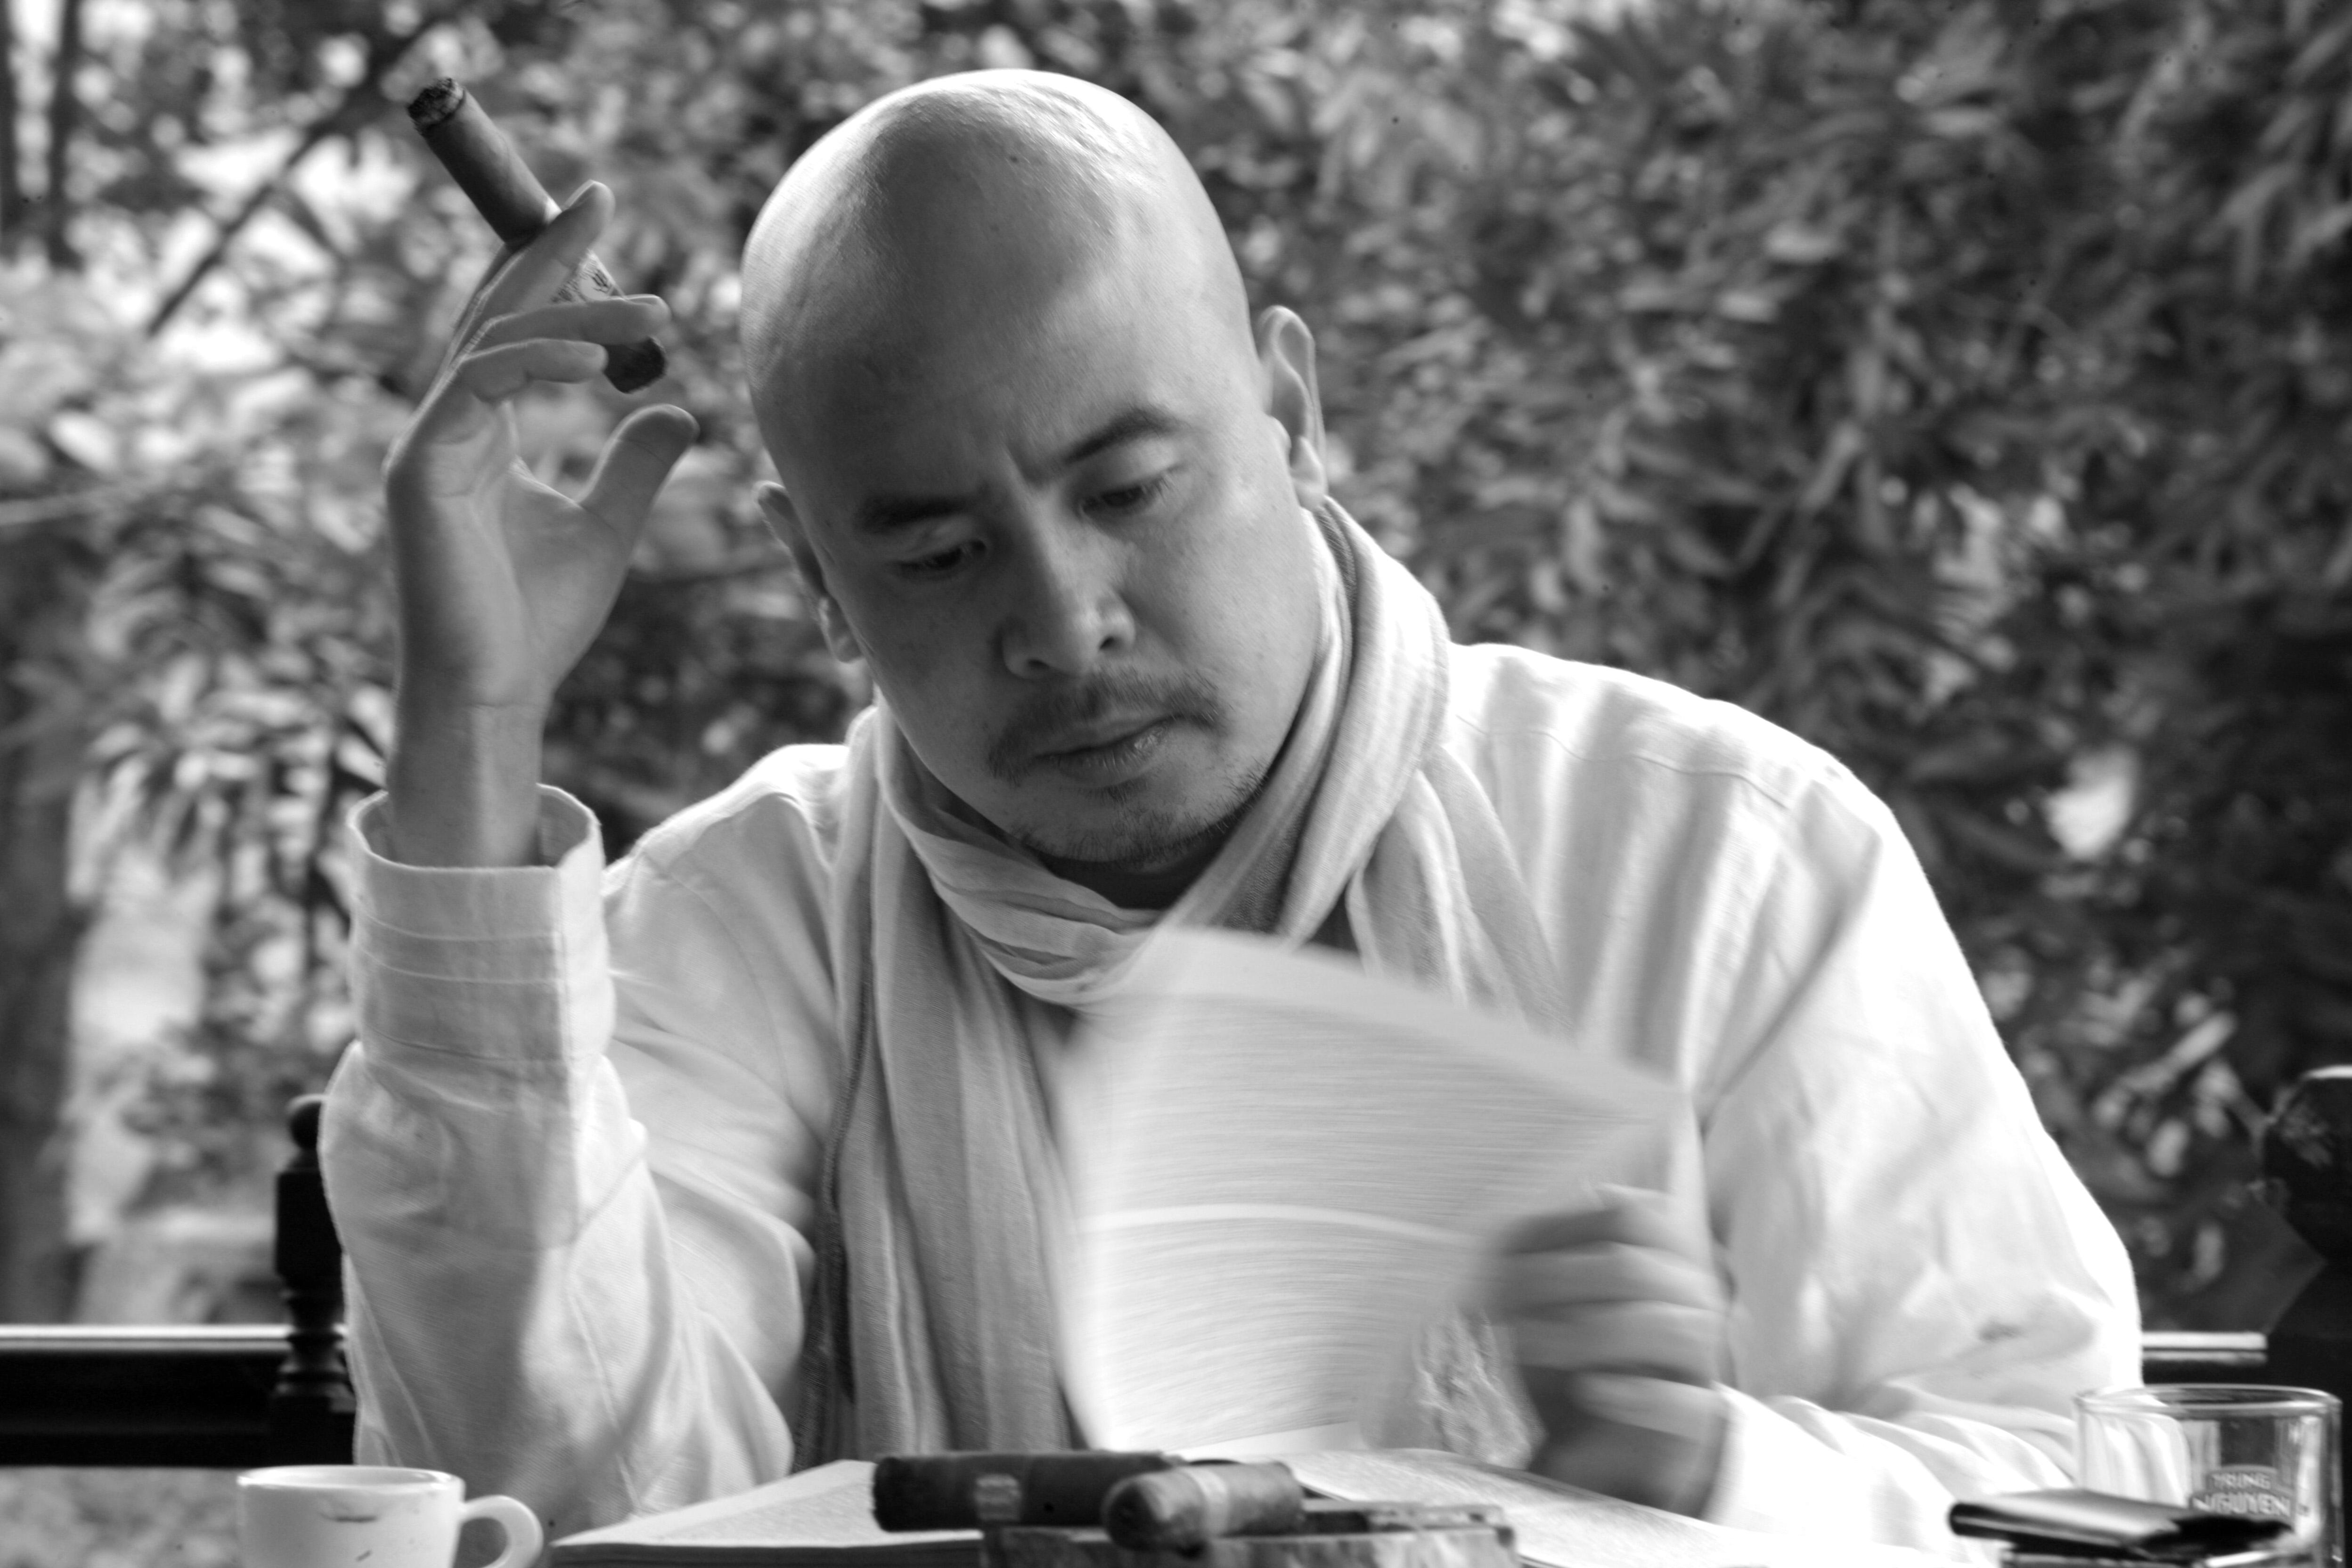 Hình ảnh Vua cà phê Việt có nguy cơ mất nửa tài sản số 1